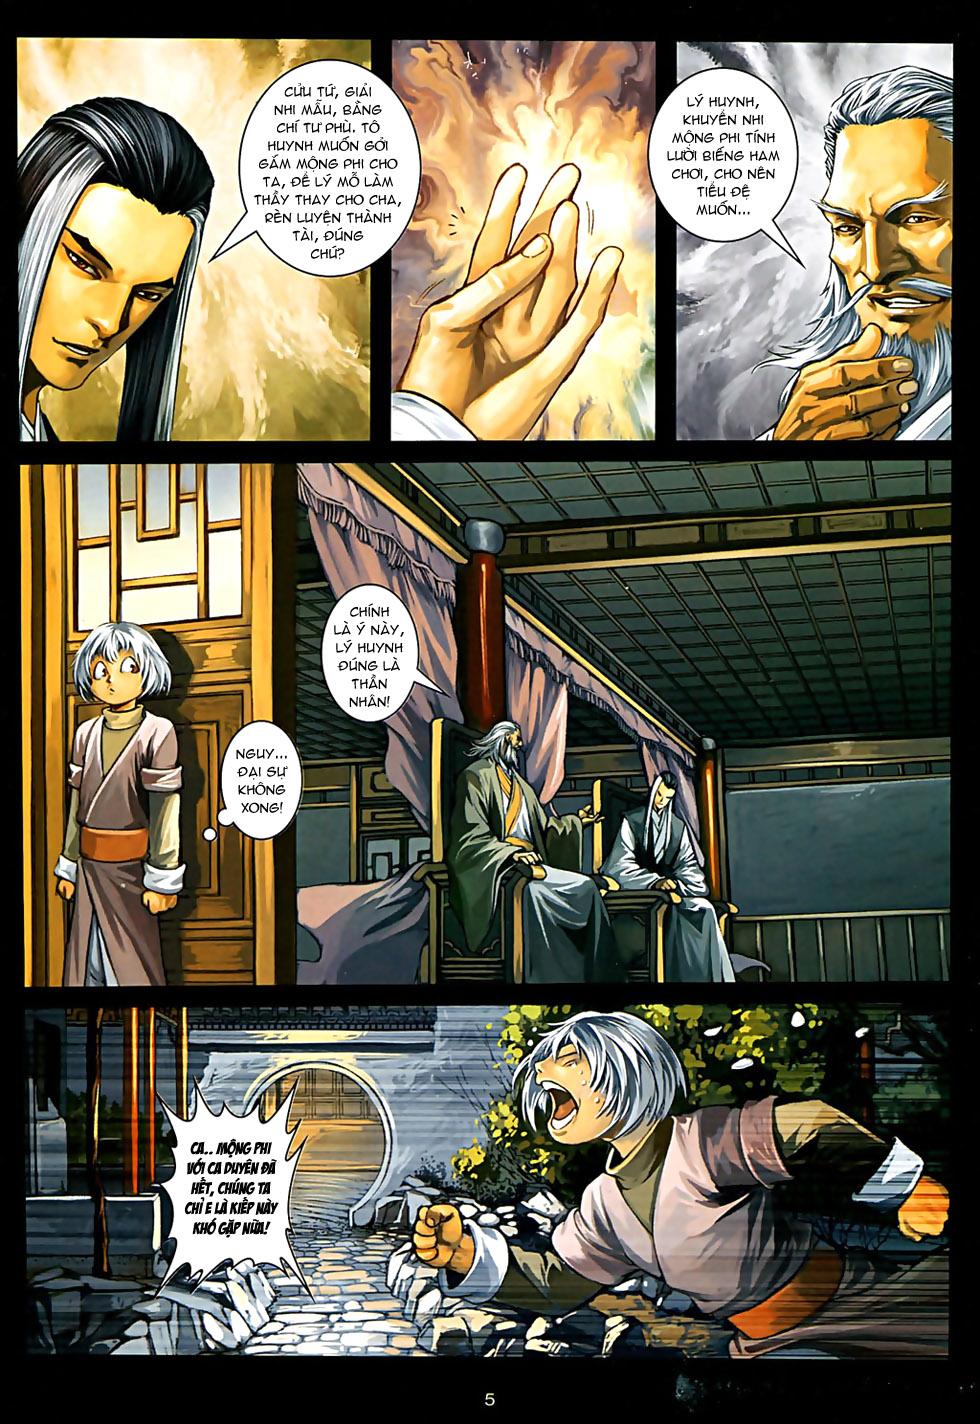 Ôn Thuỵ An Quần Hiệp Truyện Phần 2 chapter 32 trang 6